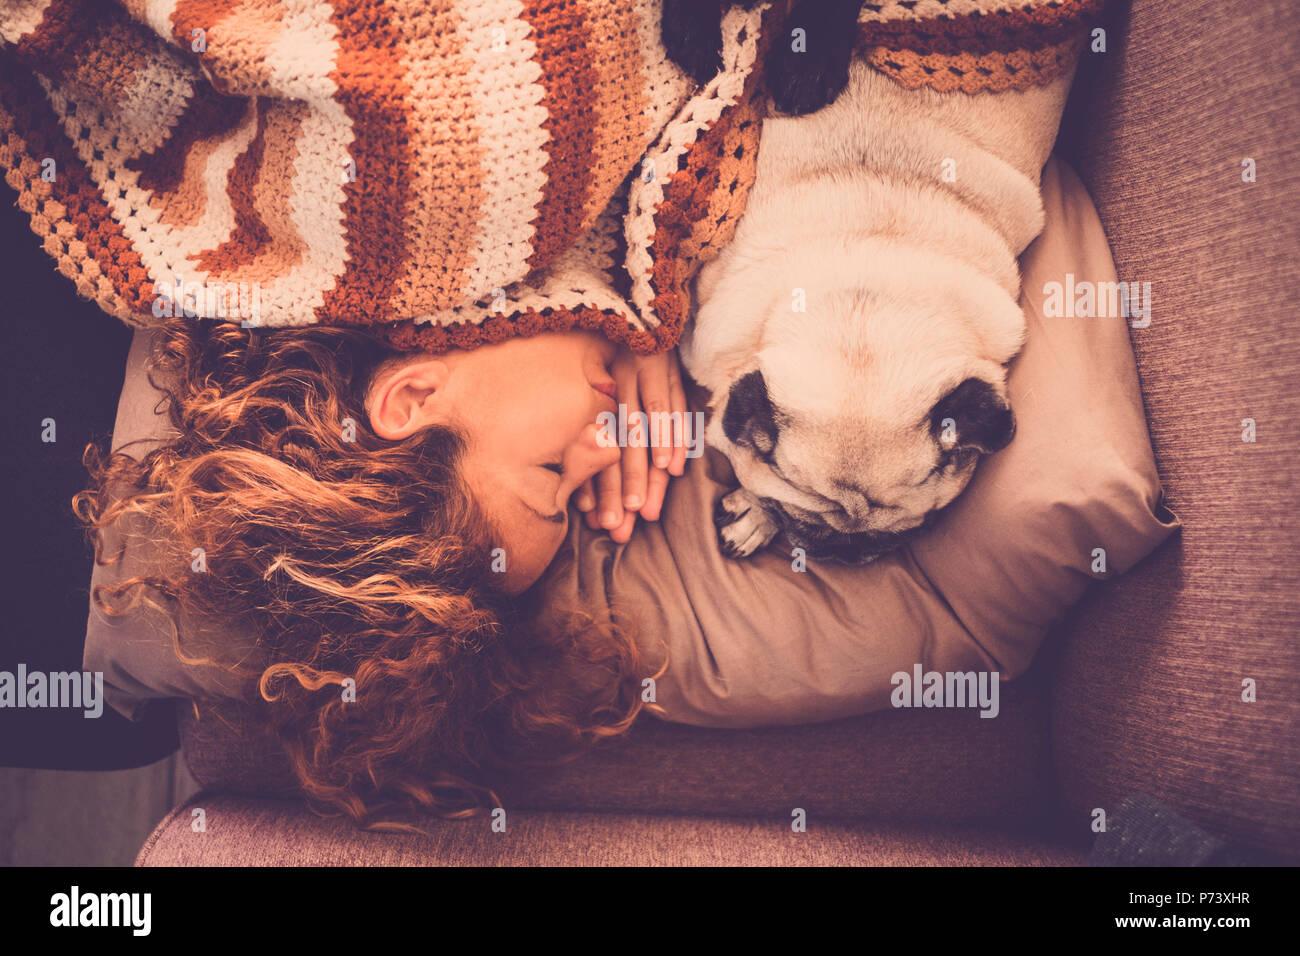 Casal adorável mulher pug cão dormir juntos em casa em um concurso e doce cena romântica. ficar mais perto com amor e amizade relacionamento verdadeiro ser. Imagens de Stock